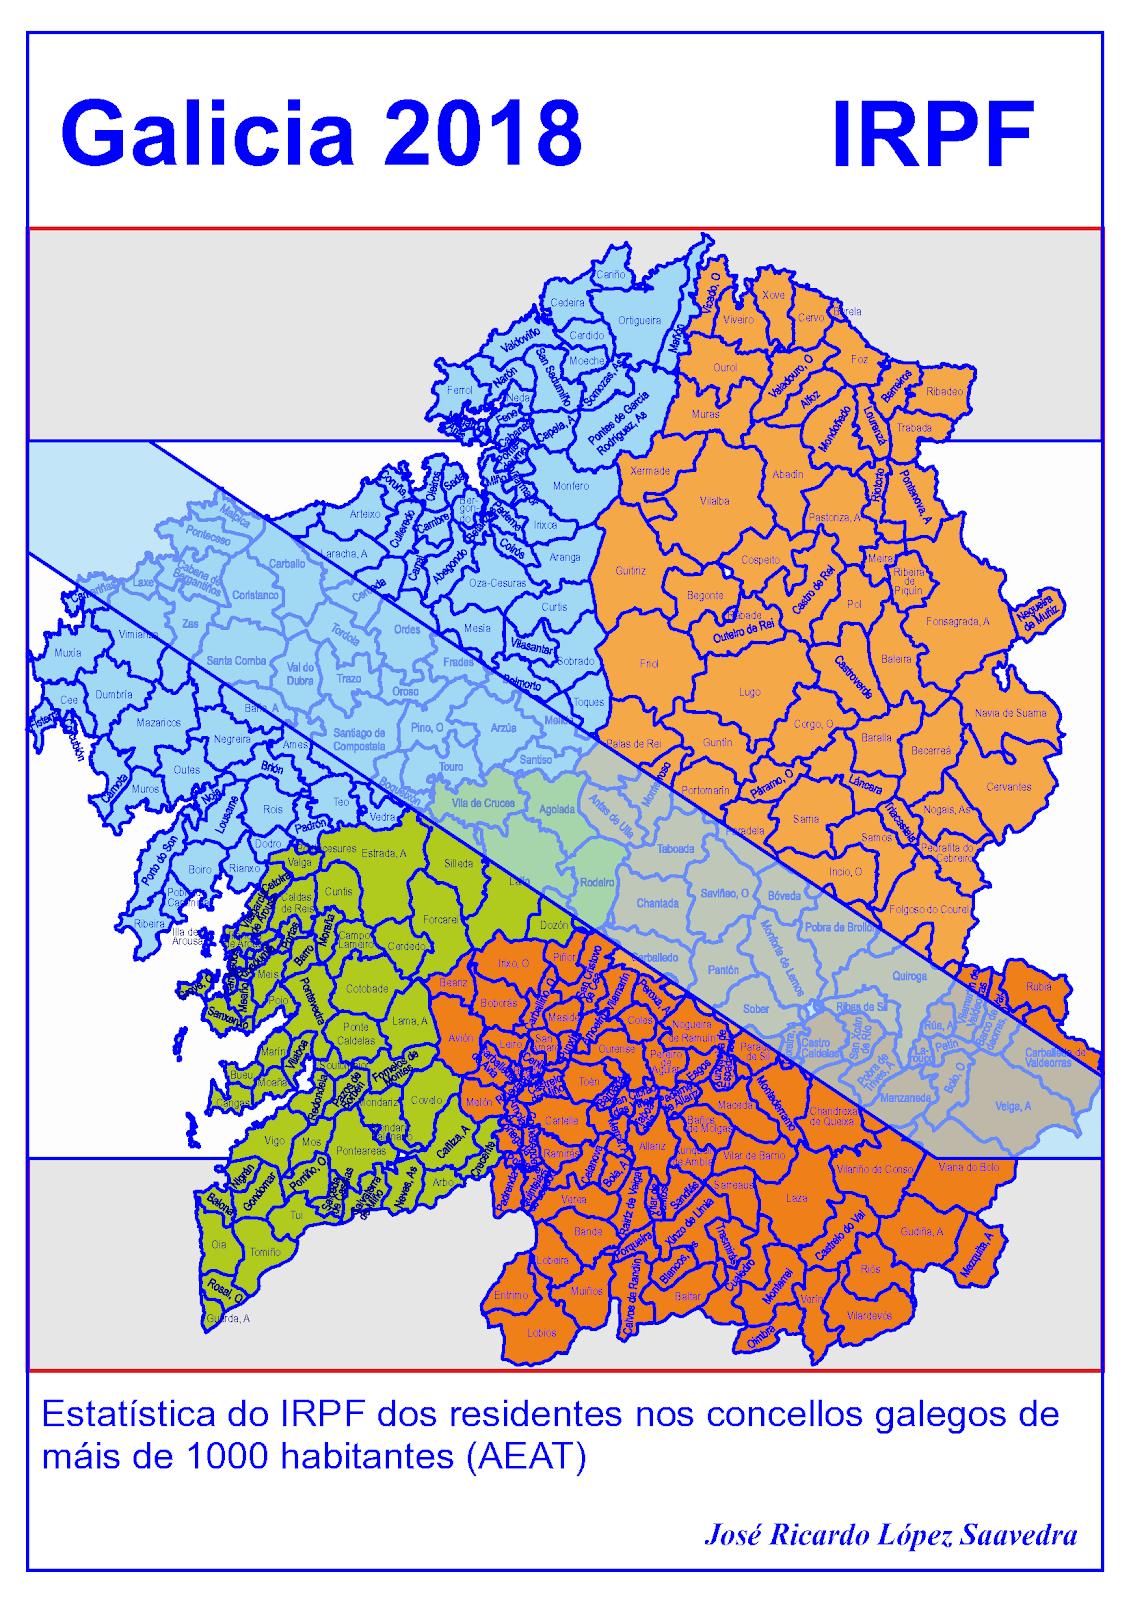 IRPF 2018 (2015-2018)